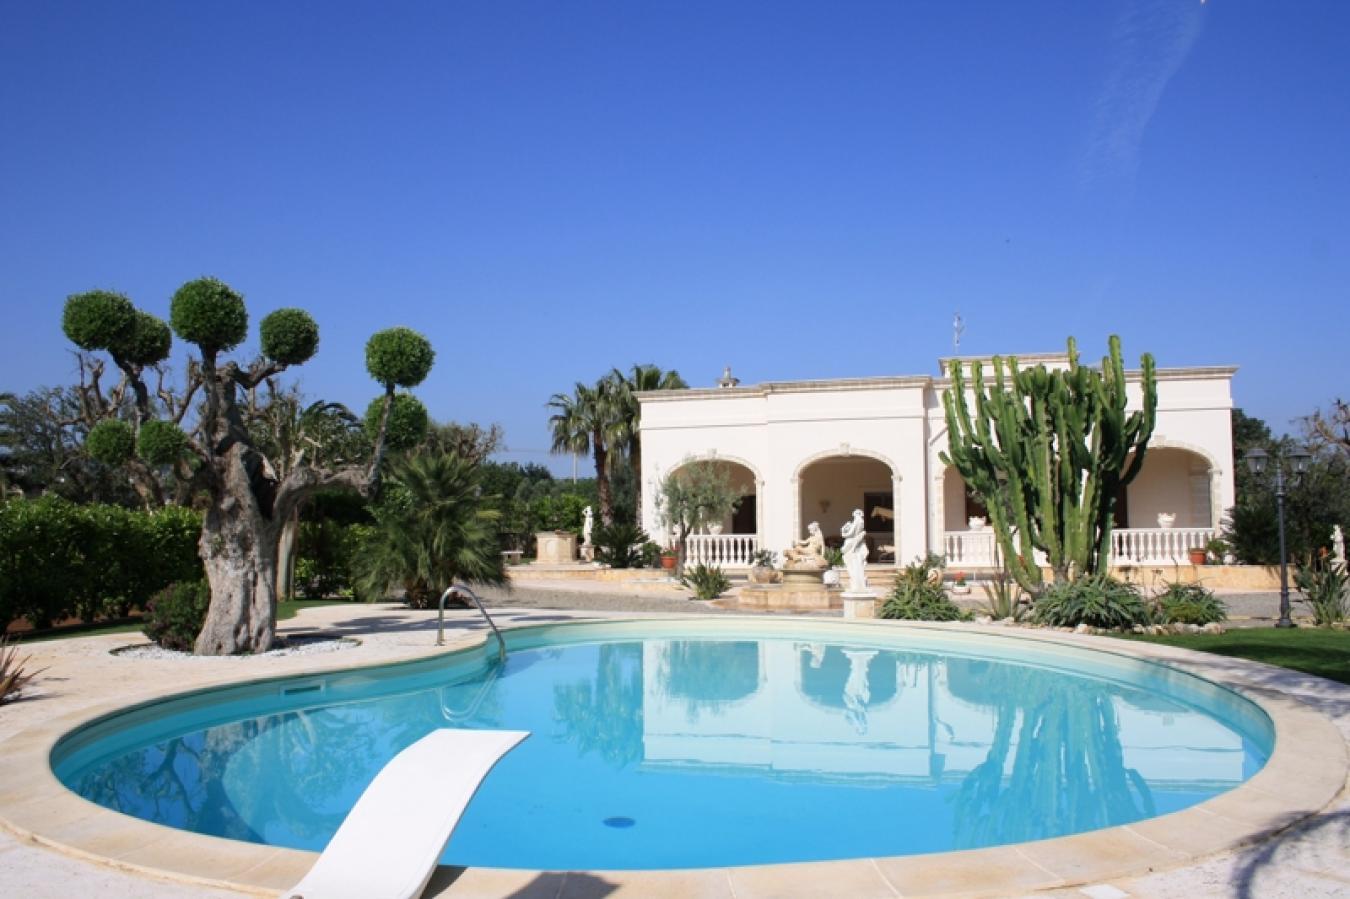 Affitto villa con piscina a fasano savelletri masseria delle ninfe - Masseria in puglia con piscina ...